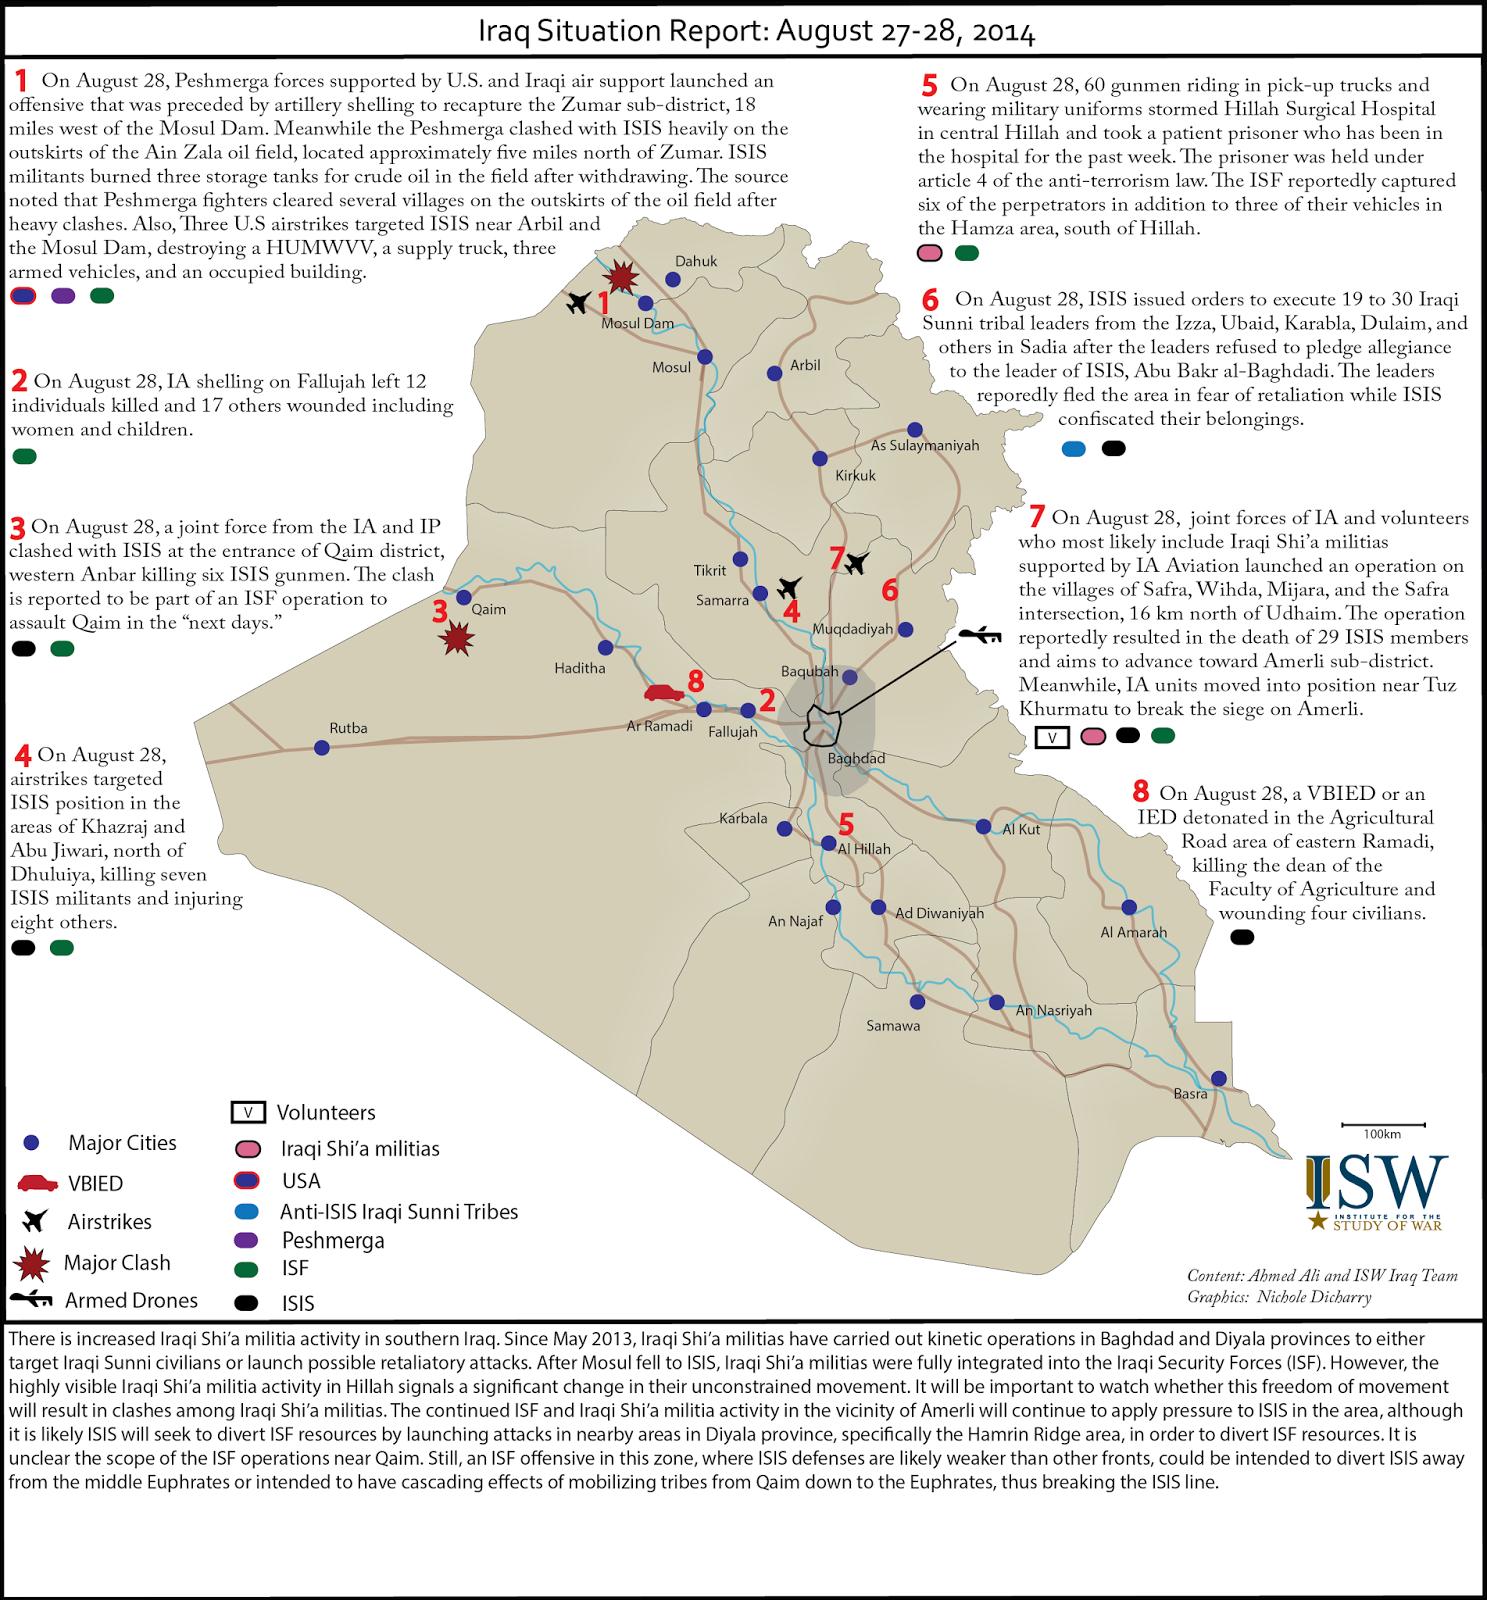 متابعة مستجدات الساحة العراقية - صفحة 5 Iraq%2Bsituation%2Breport%2BAugust%2B27-28%2B2014